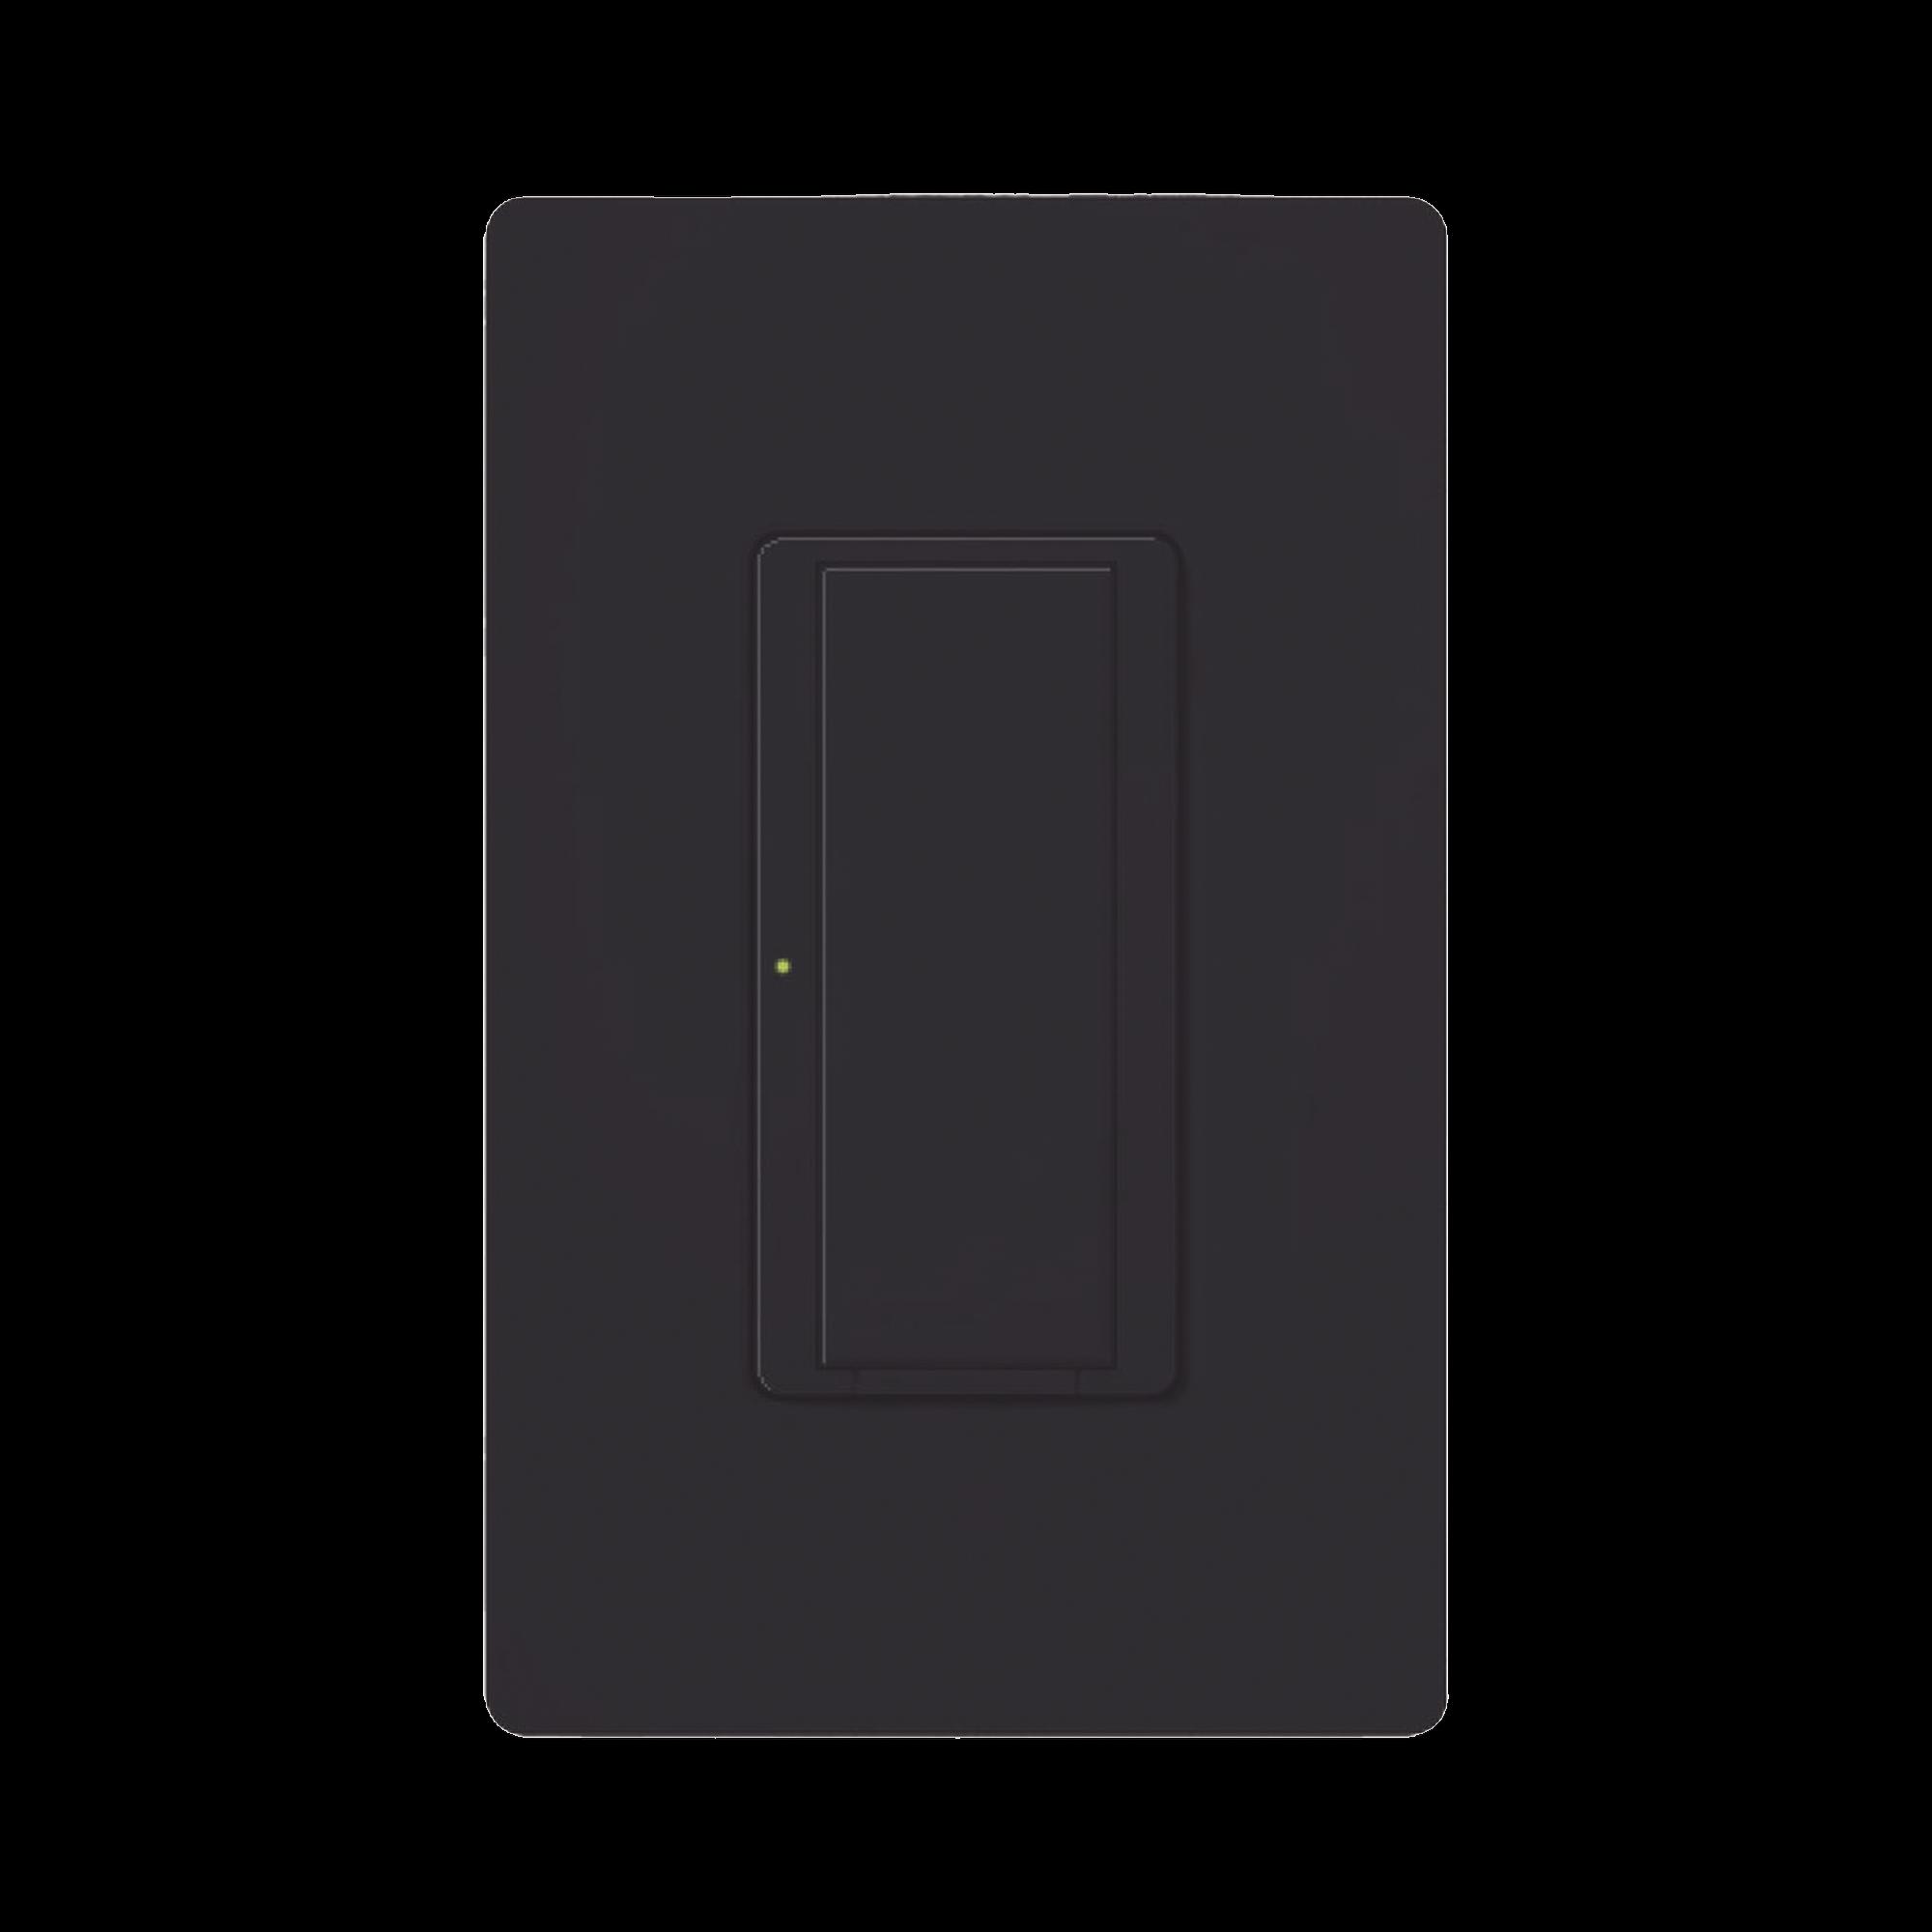 Apagador Switch Inteligente 120V/8A